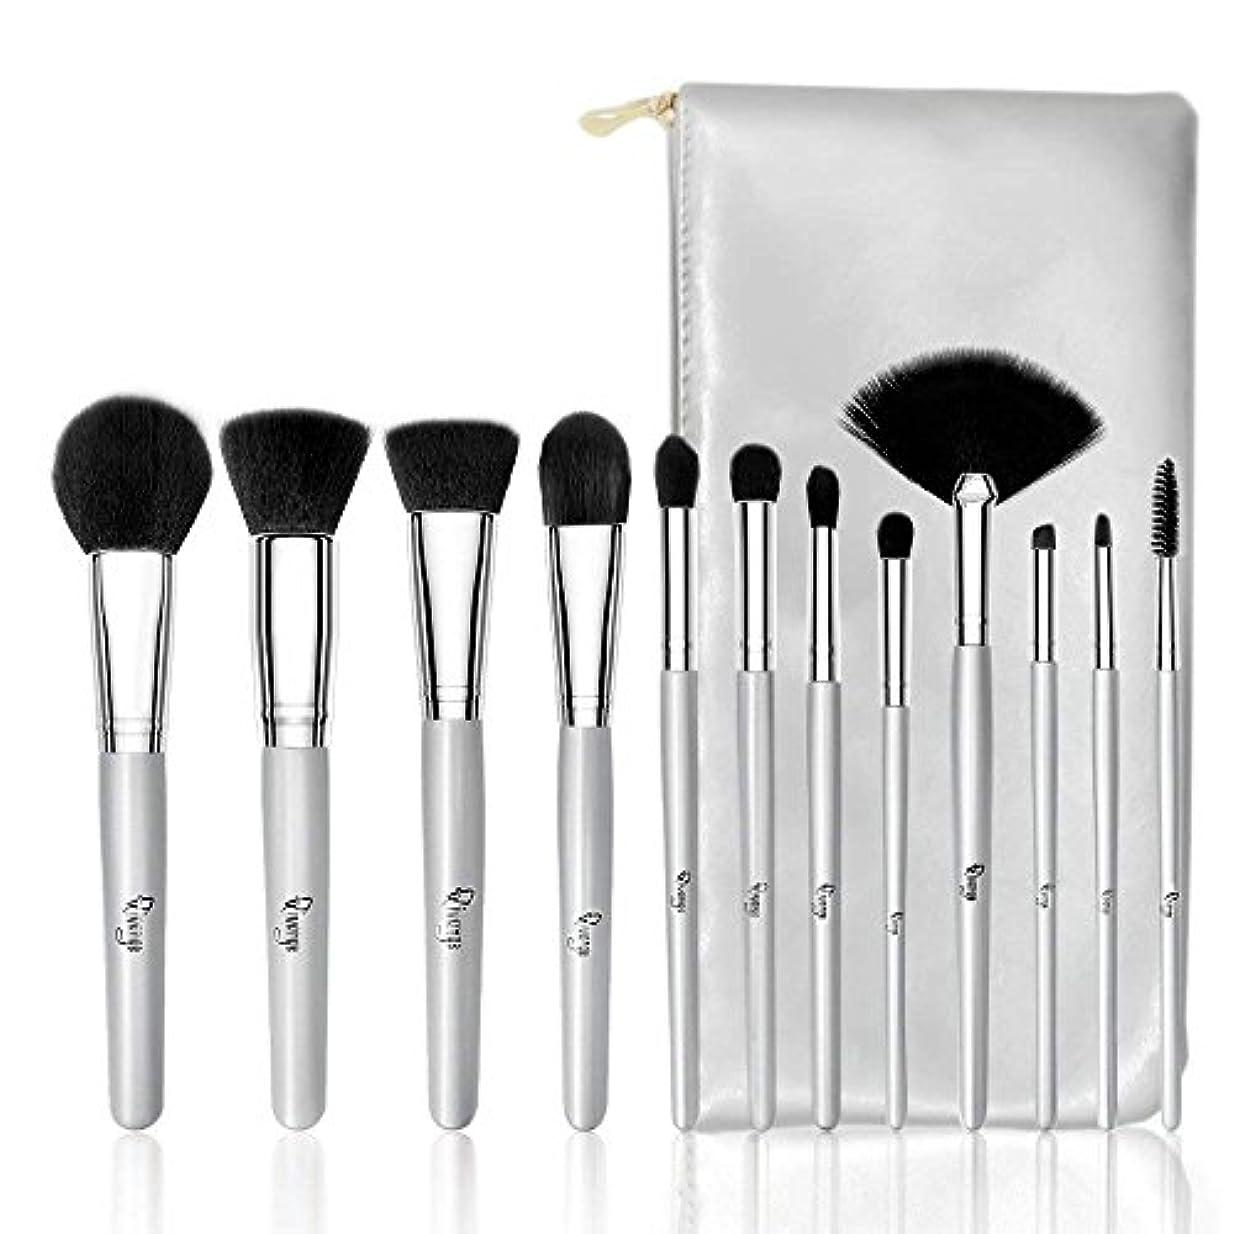 Qivange メイクブラシセット アイシャドウブラシ 化粧筆 メイクブラシ 化粧ポーチ付き(12本)